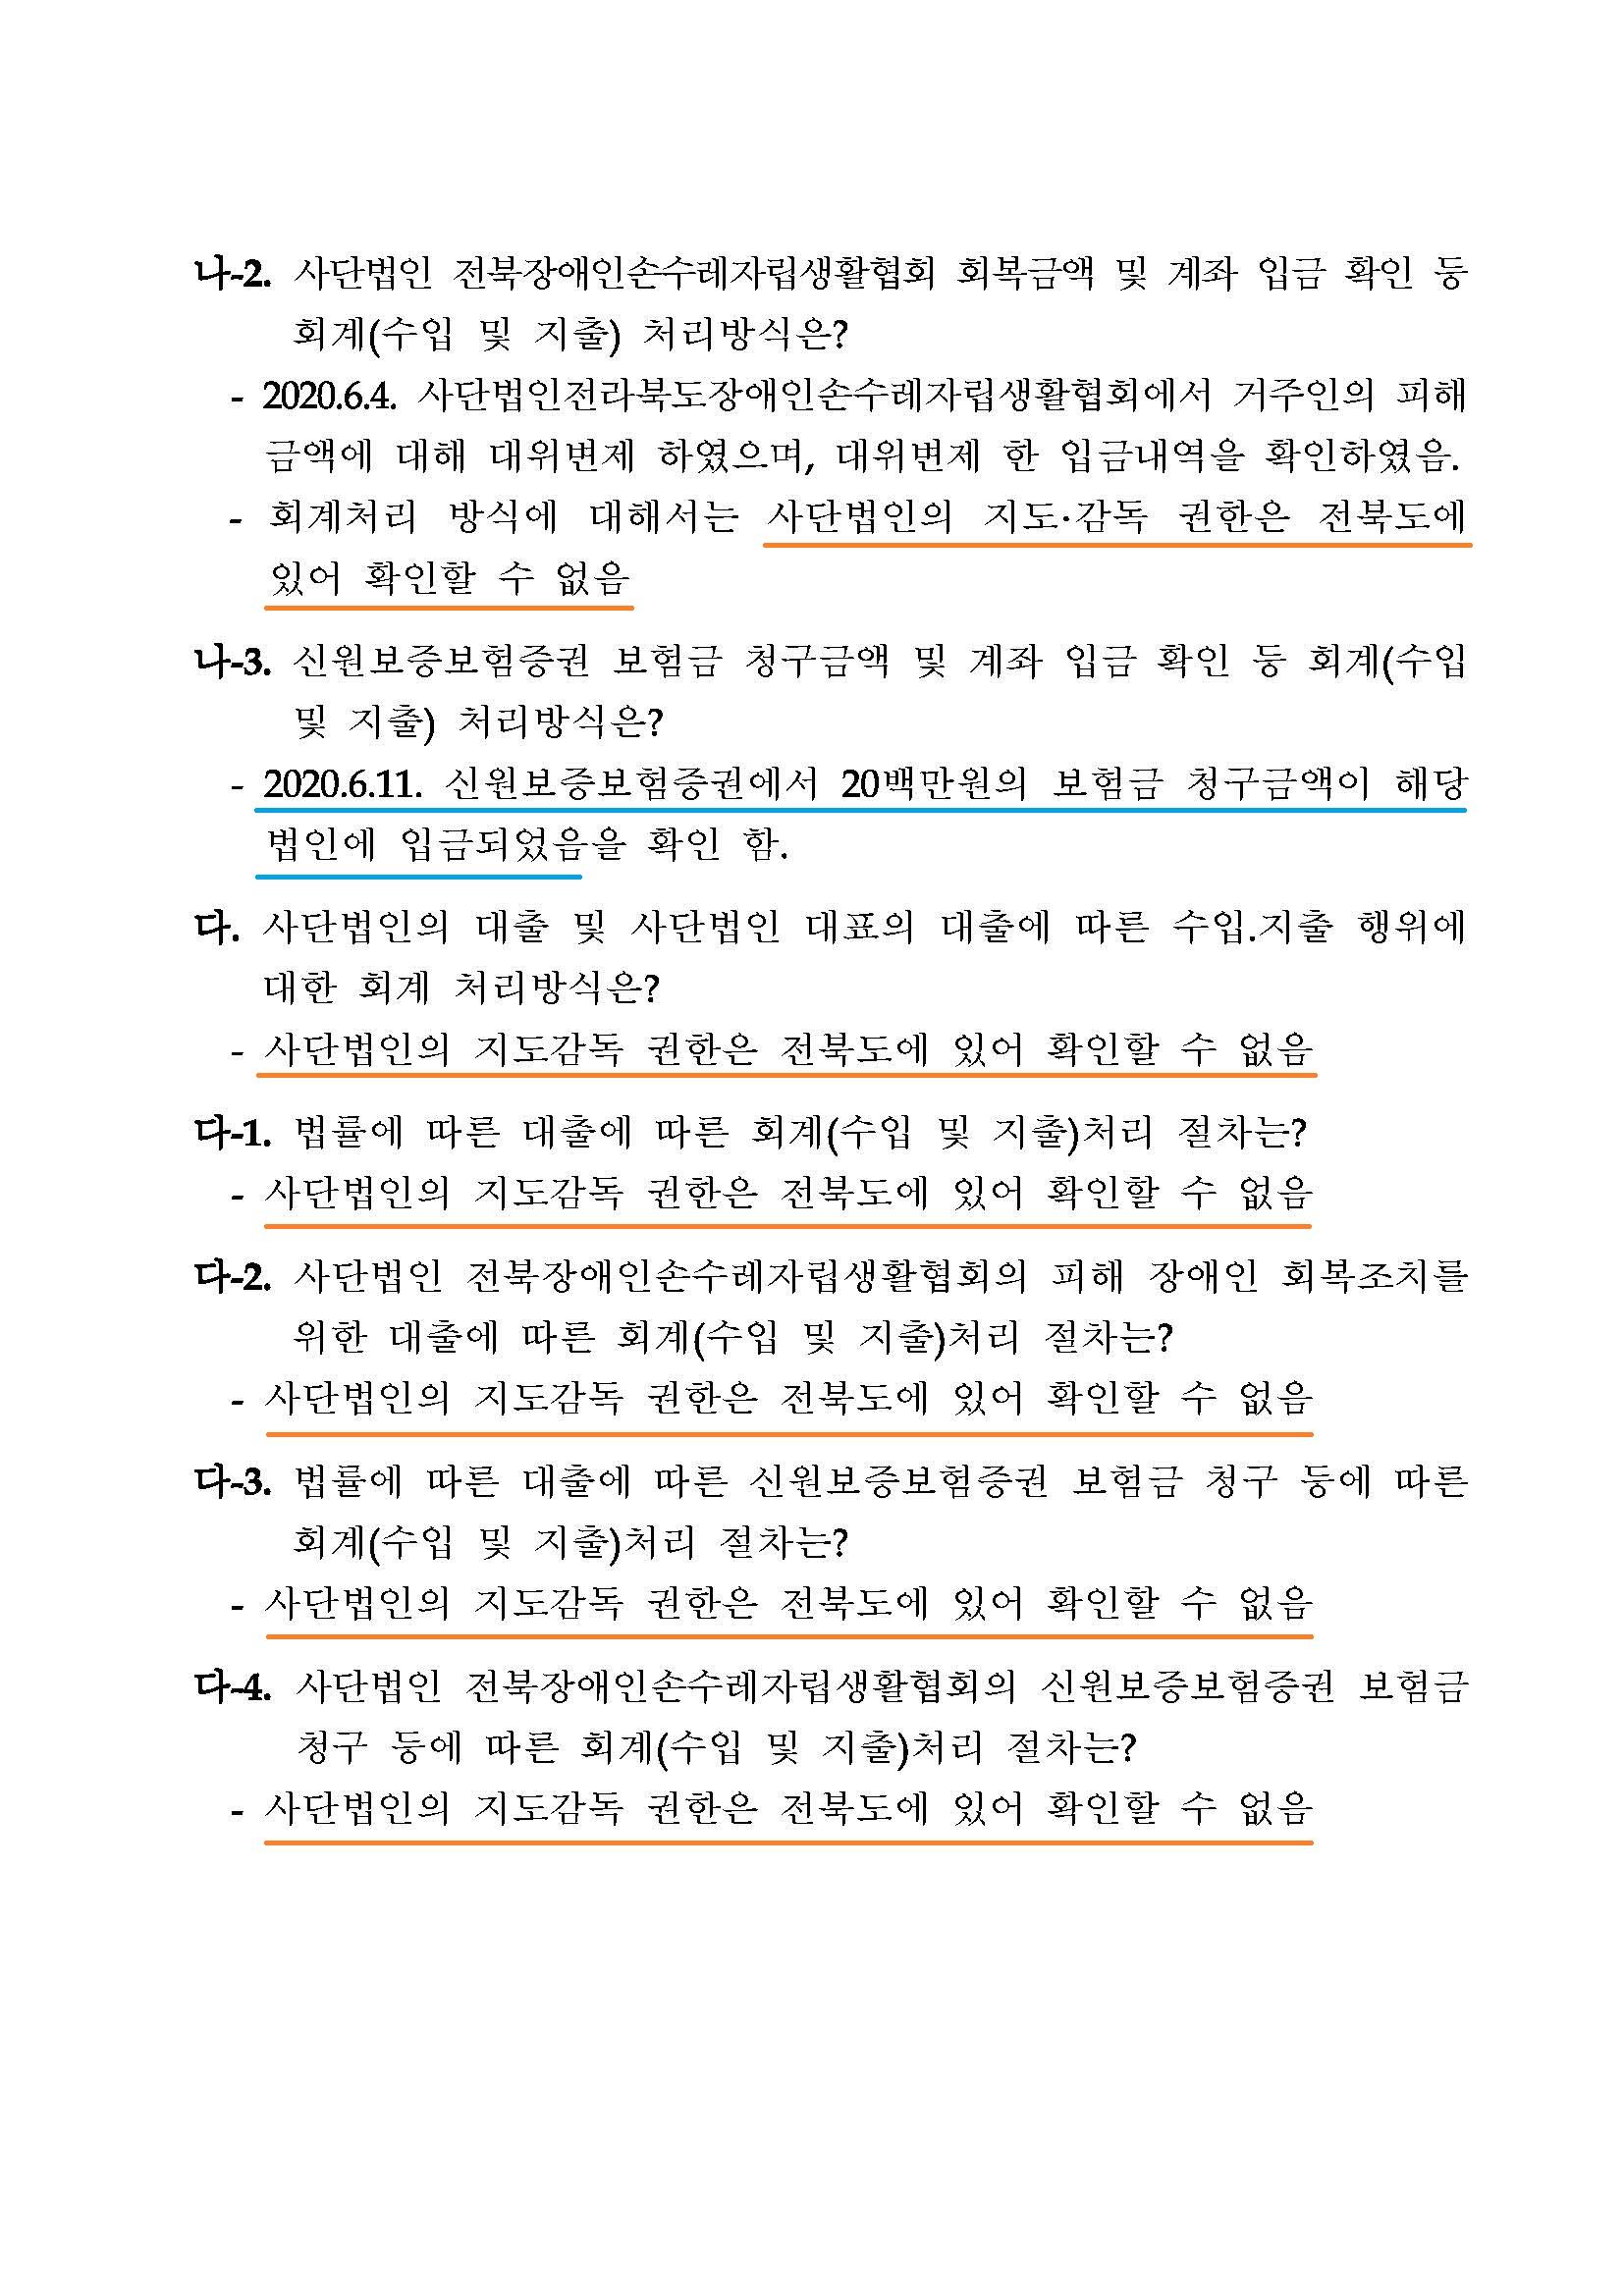 전주시 생활복지과-22170(2020.7.14)호-전주시 손수레3호 체험홈 절도사건 관련 질의 회신(답변자료)_페이지_3.jpg